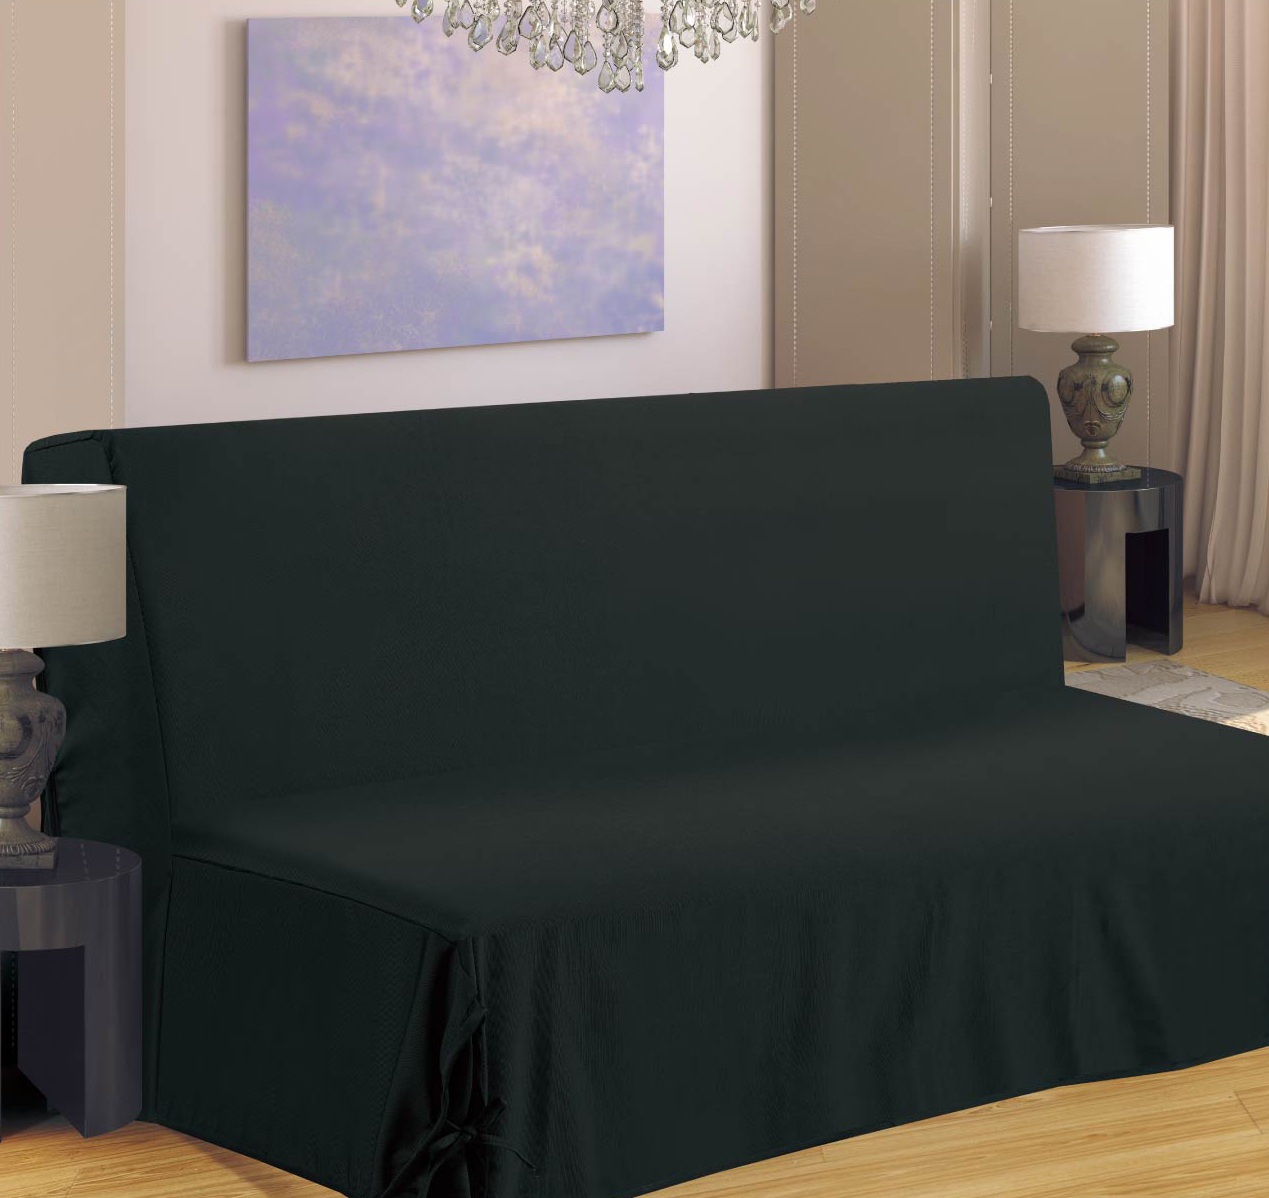 Housse de canapé pour BZ - Noir - 140 x 190 cm